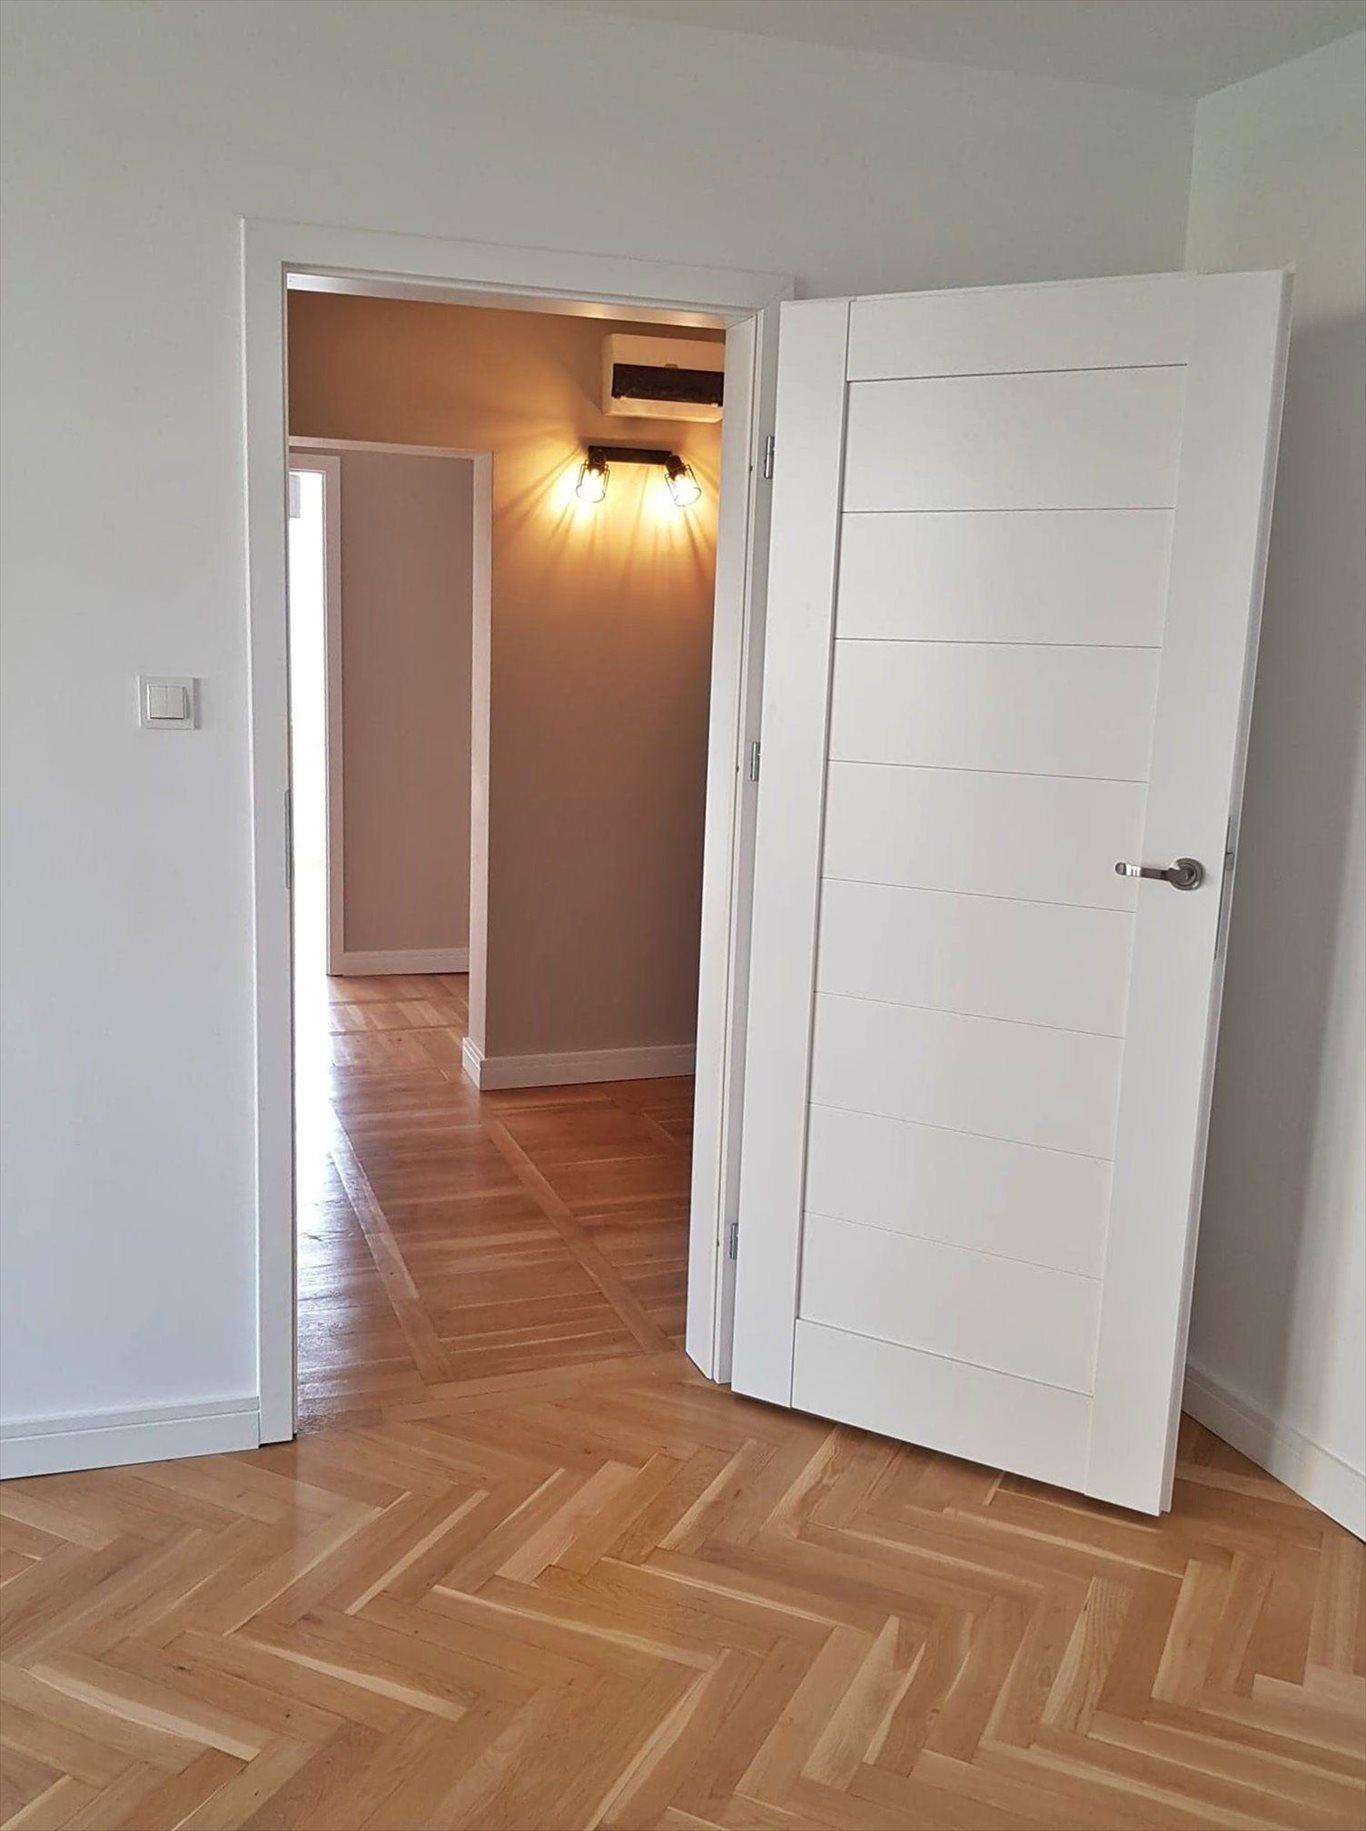 Mieszkanie trzypokojowe na sprzedaż Warszawa, Praga Północ, 11 listopada  49m2 Foto 1